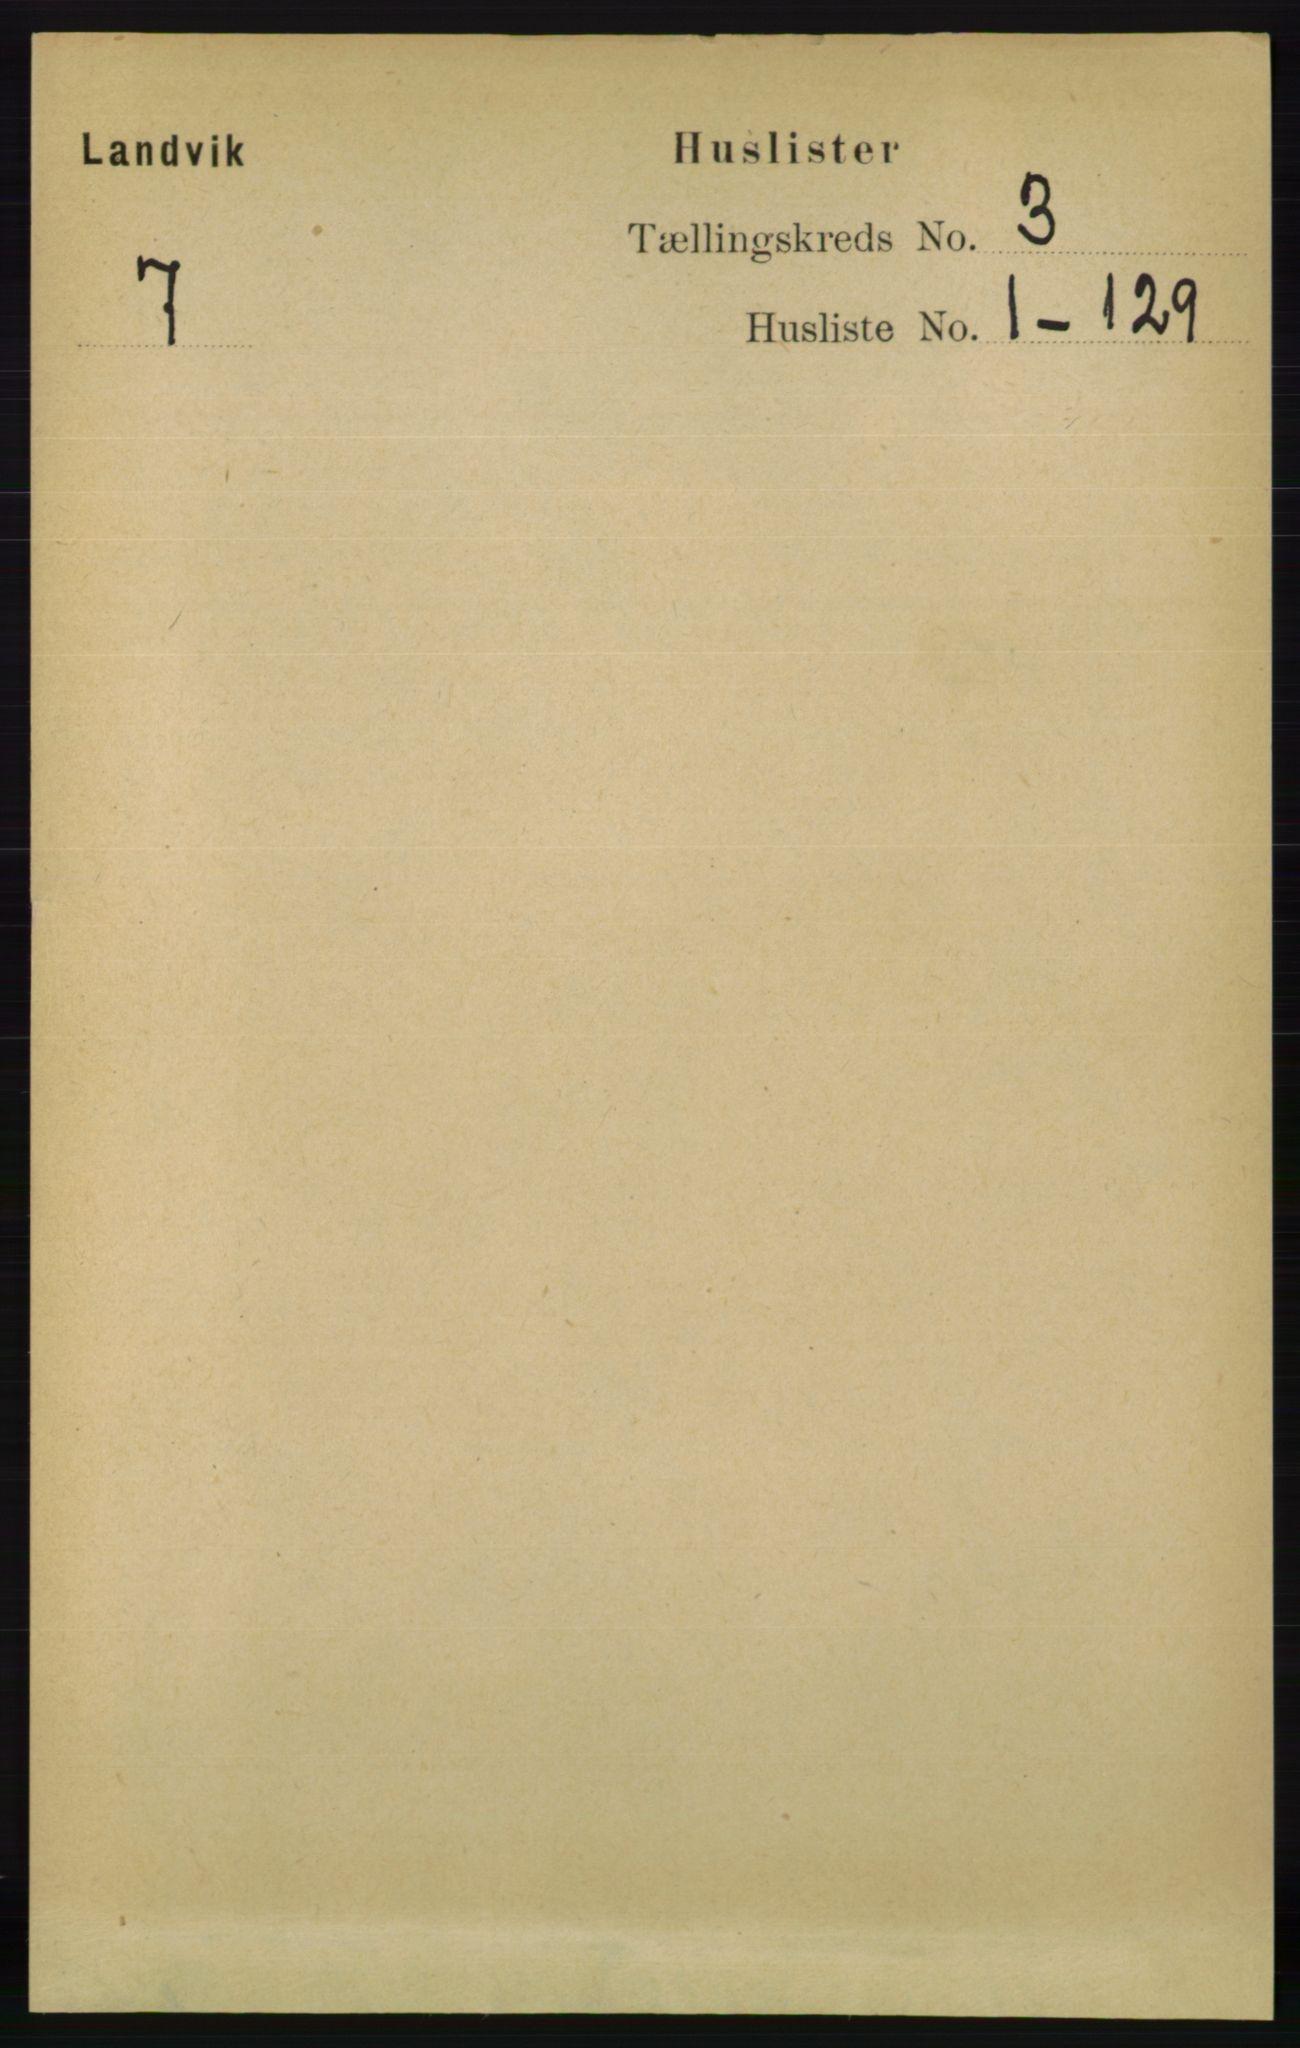 RA, Folketelling 1891 for 0924 Landvik herred, 1891, s. 866